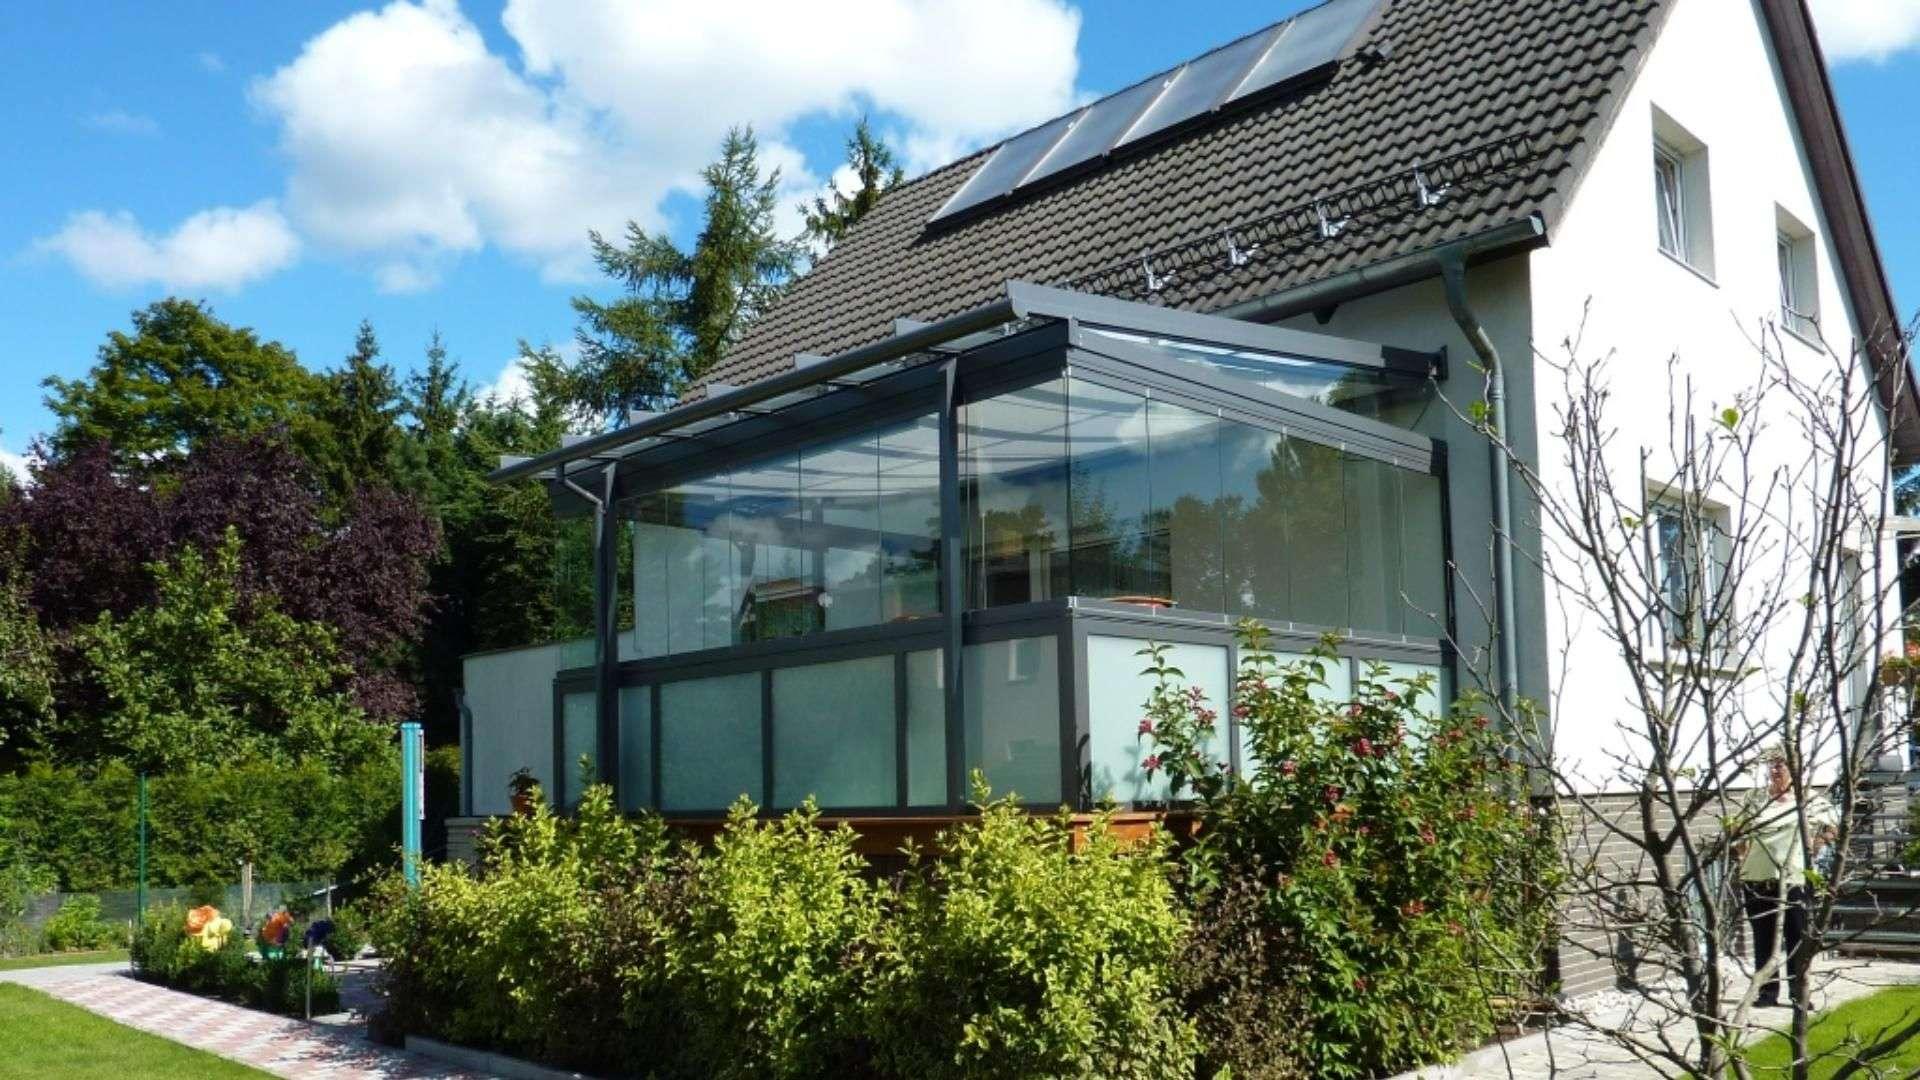 glashaus bauen best gemtlicher treffpunkt fr lange abende ein glashaus sorgt fr flieende. Black Bedroom Furniture Sets. Home Design Ideas